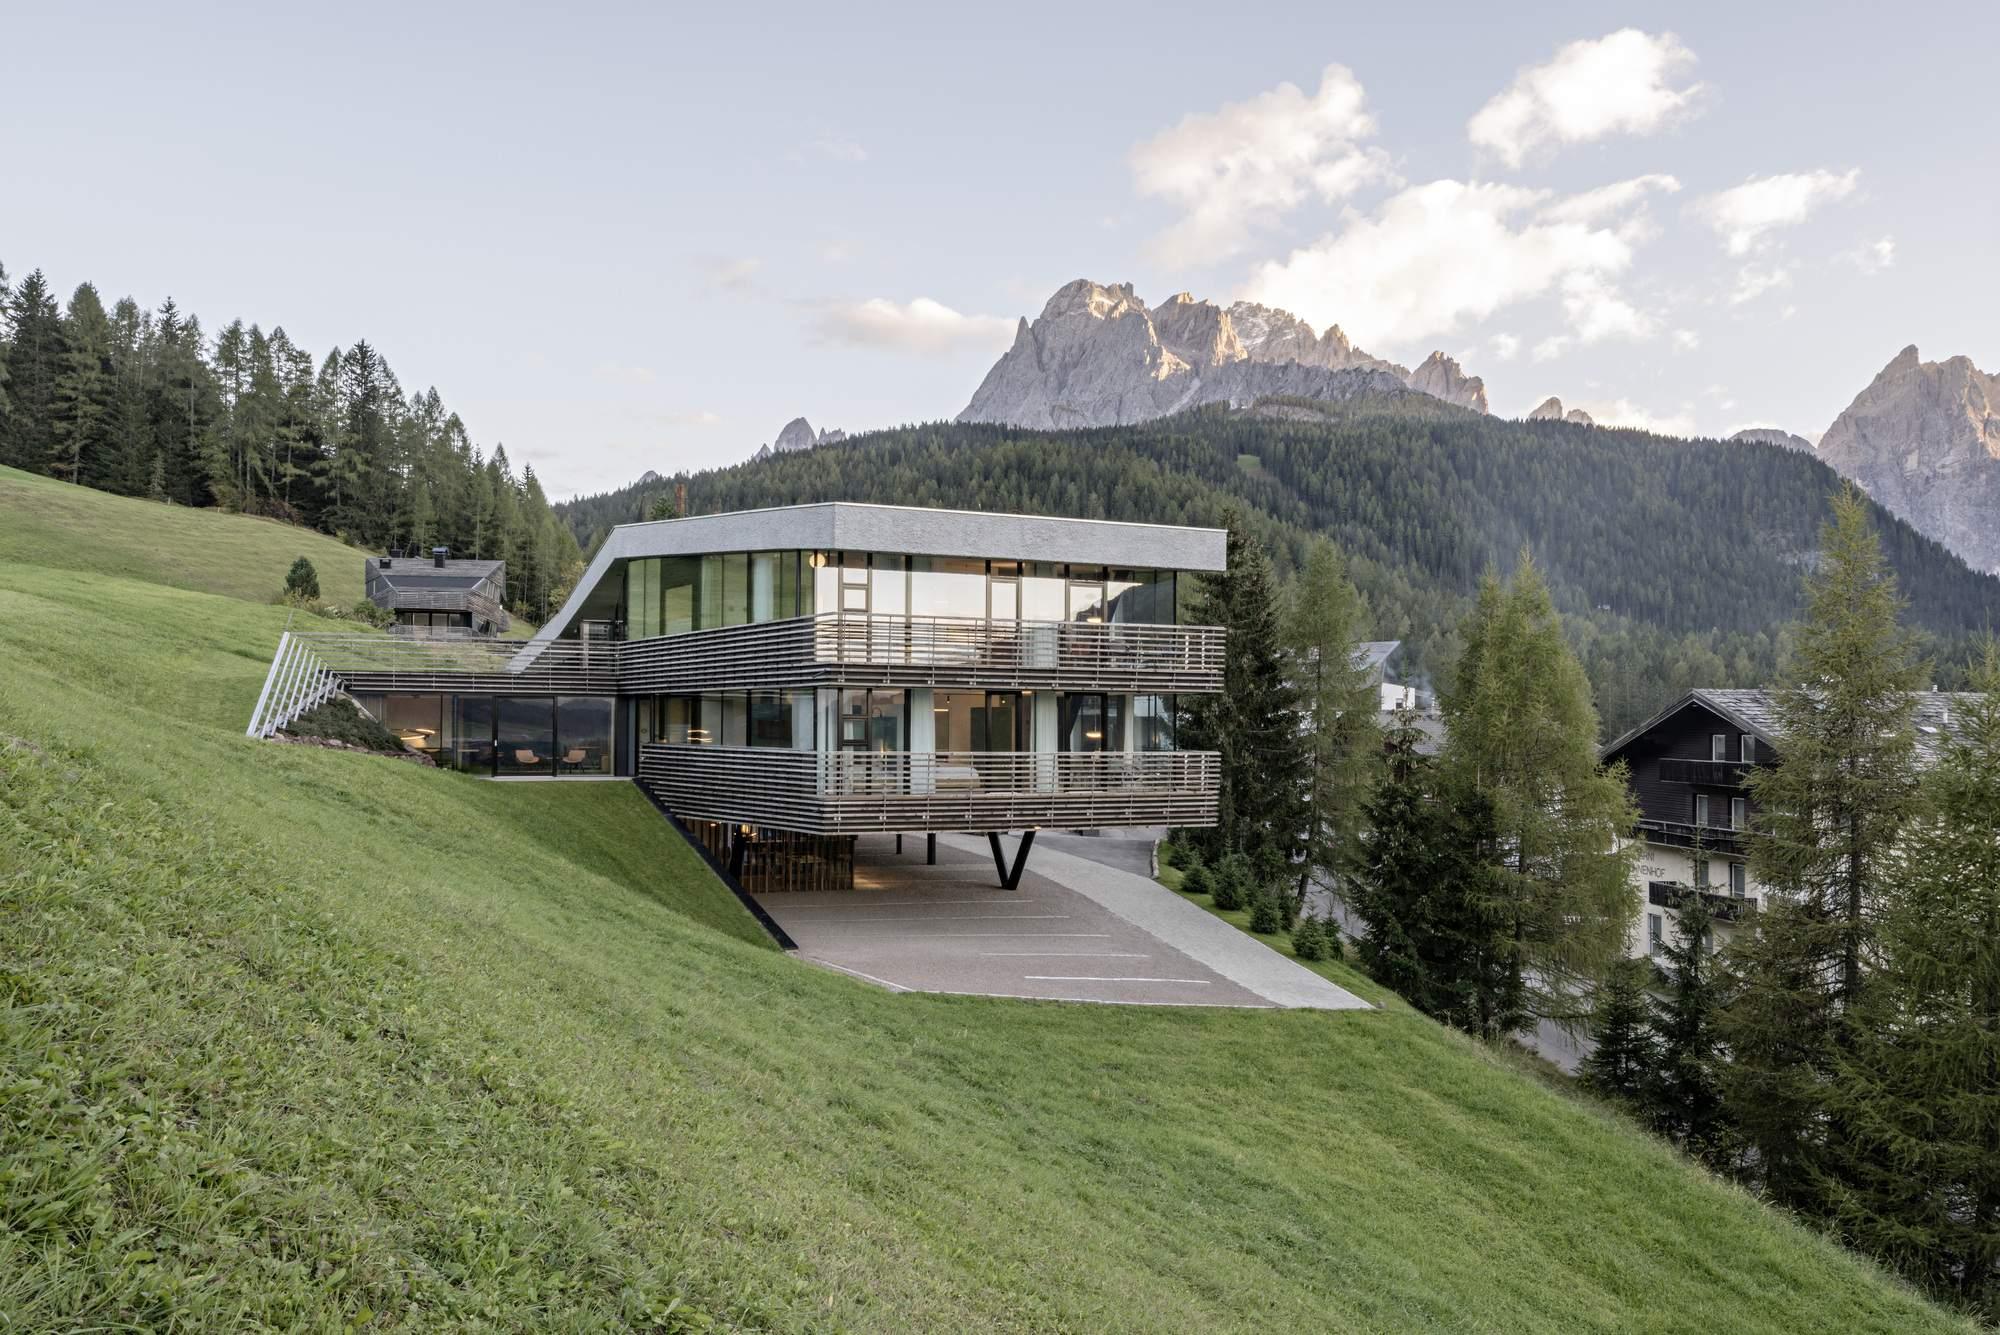 Новый корпус отеля Strata по проекту Plasma Studio в Сесто, Италия